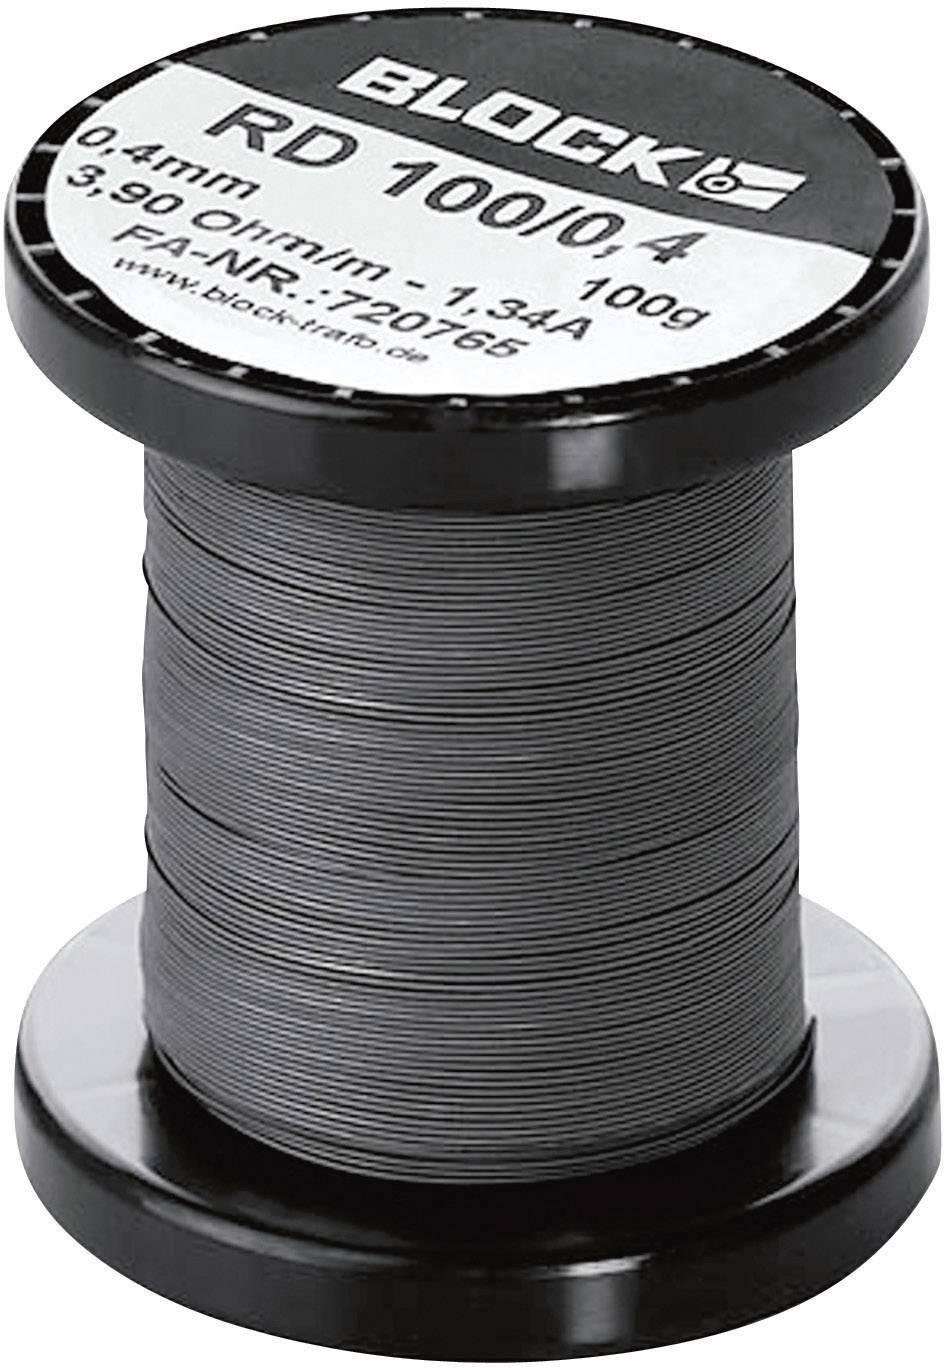 Odporový drôt Block RD 100/0,3, 6.93 Ω/m, 158 m